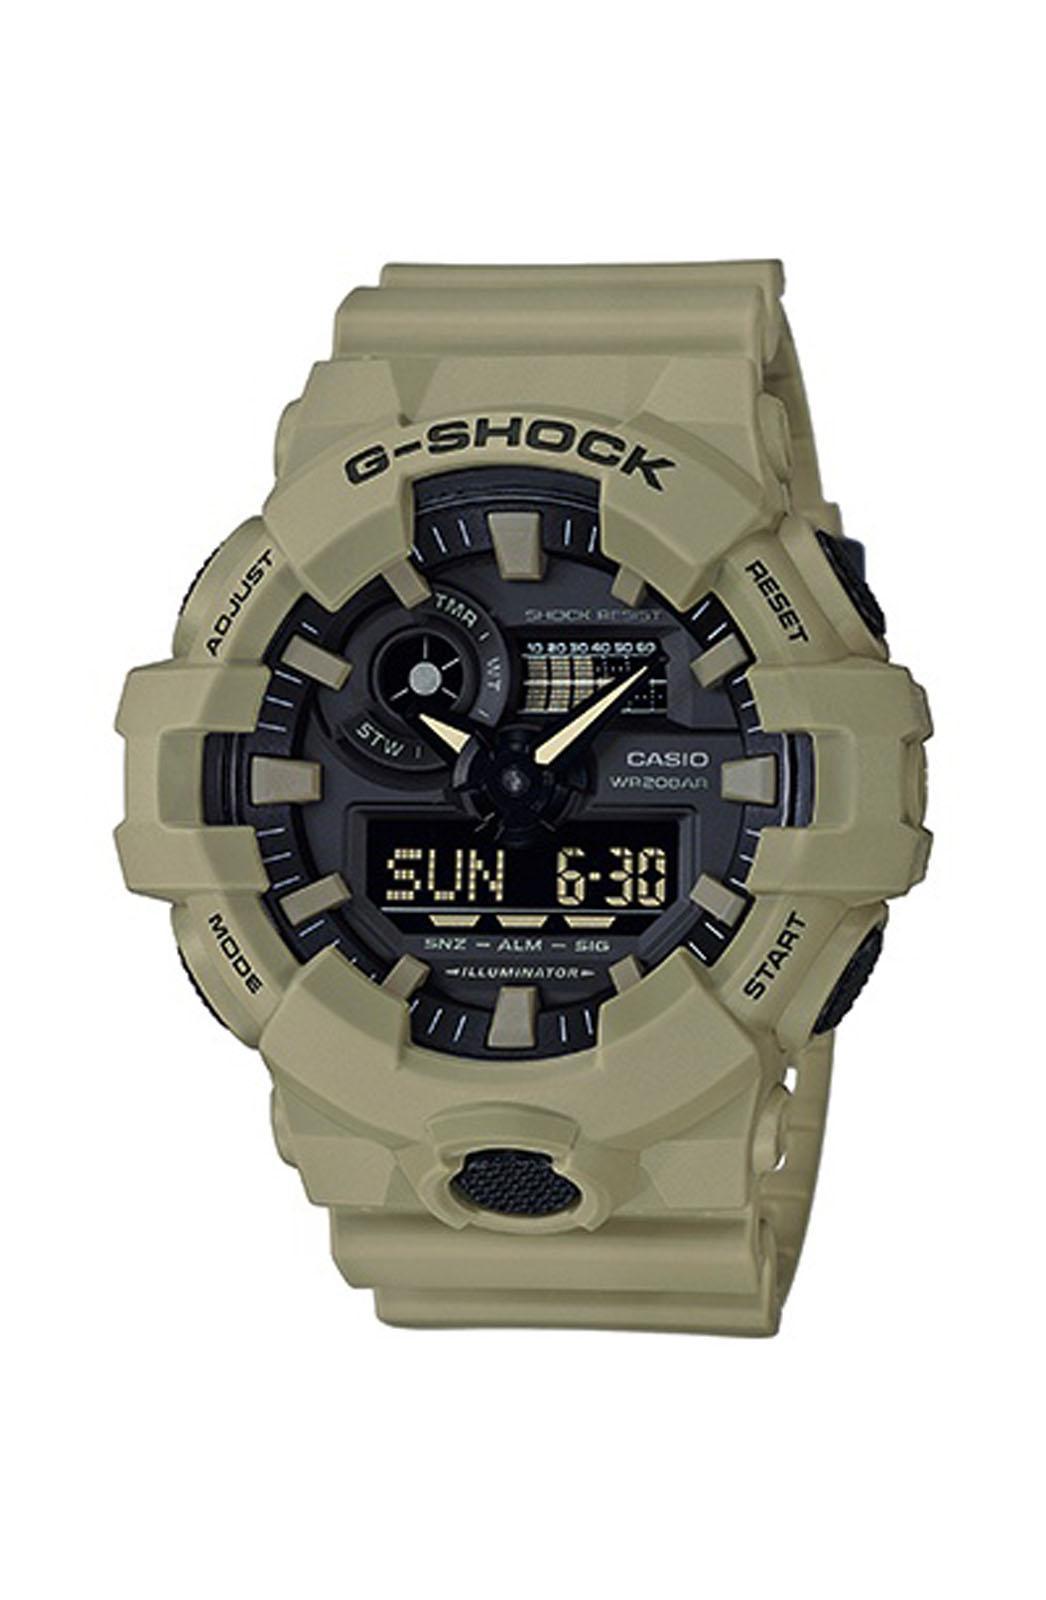 CASIO G-Shock - GA-700UC-5AER , Beige case with Beige Rubber Strap